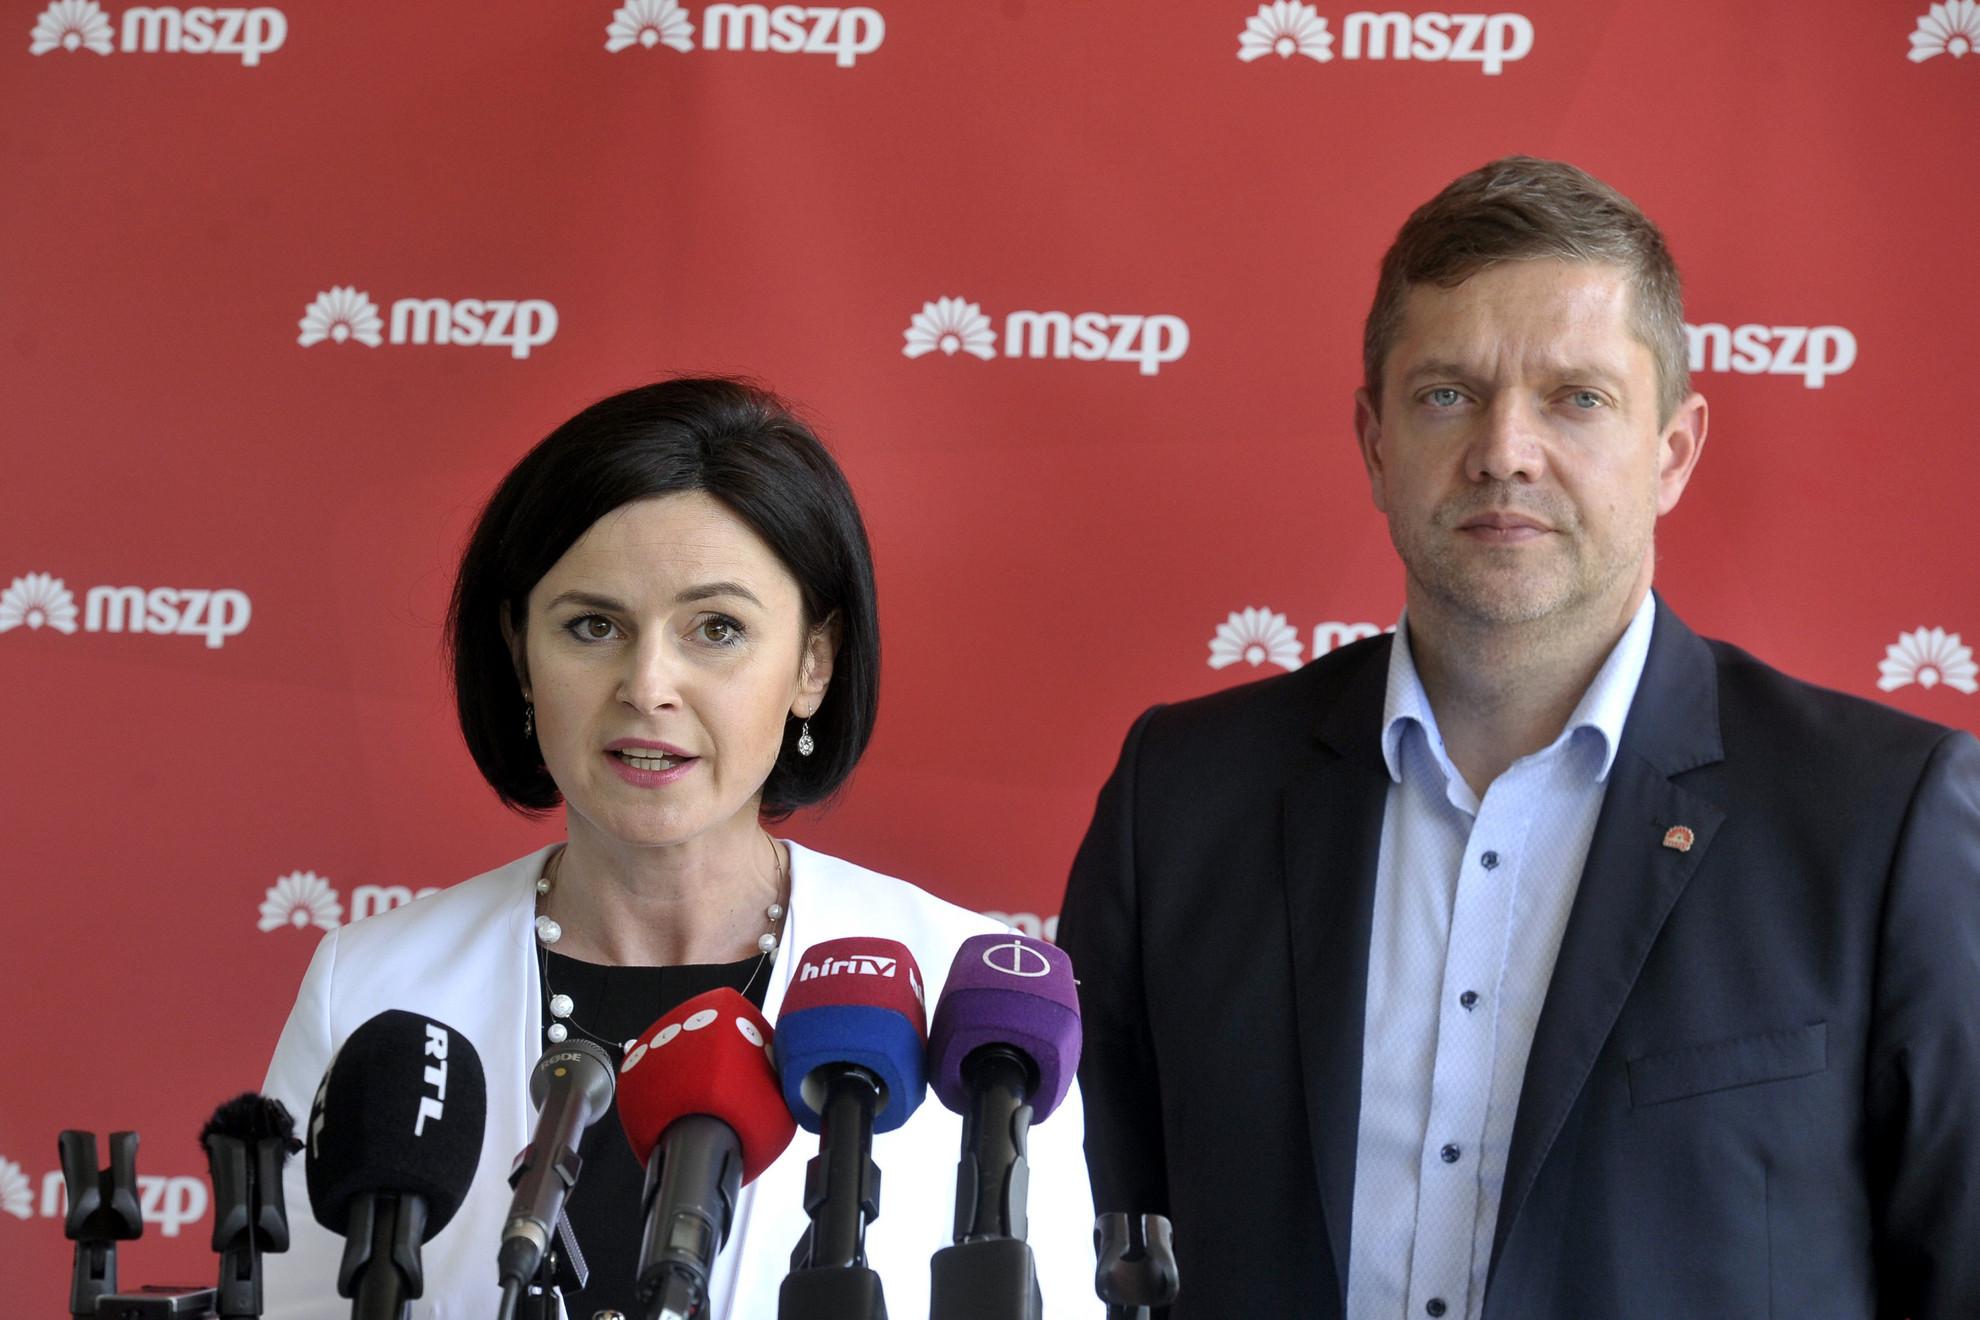 Kunhalmi Ágnes, az MSZP választmányának elnöke és Tóth Bertalan, az MSZP elnöke sajtótájékoztatót tart a testület ülésének szünetében